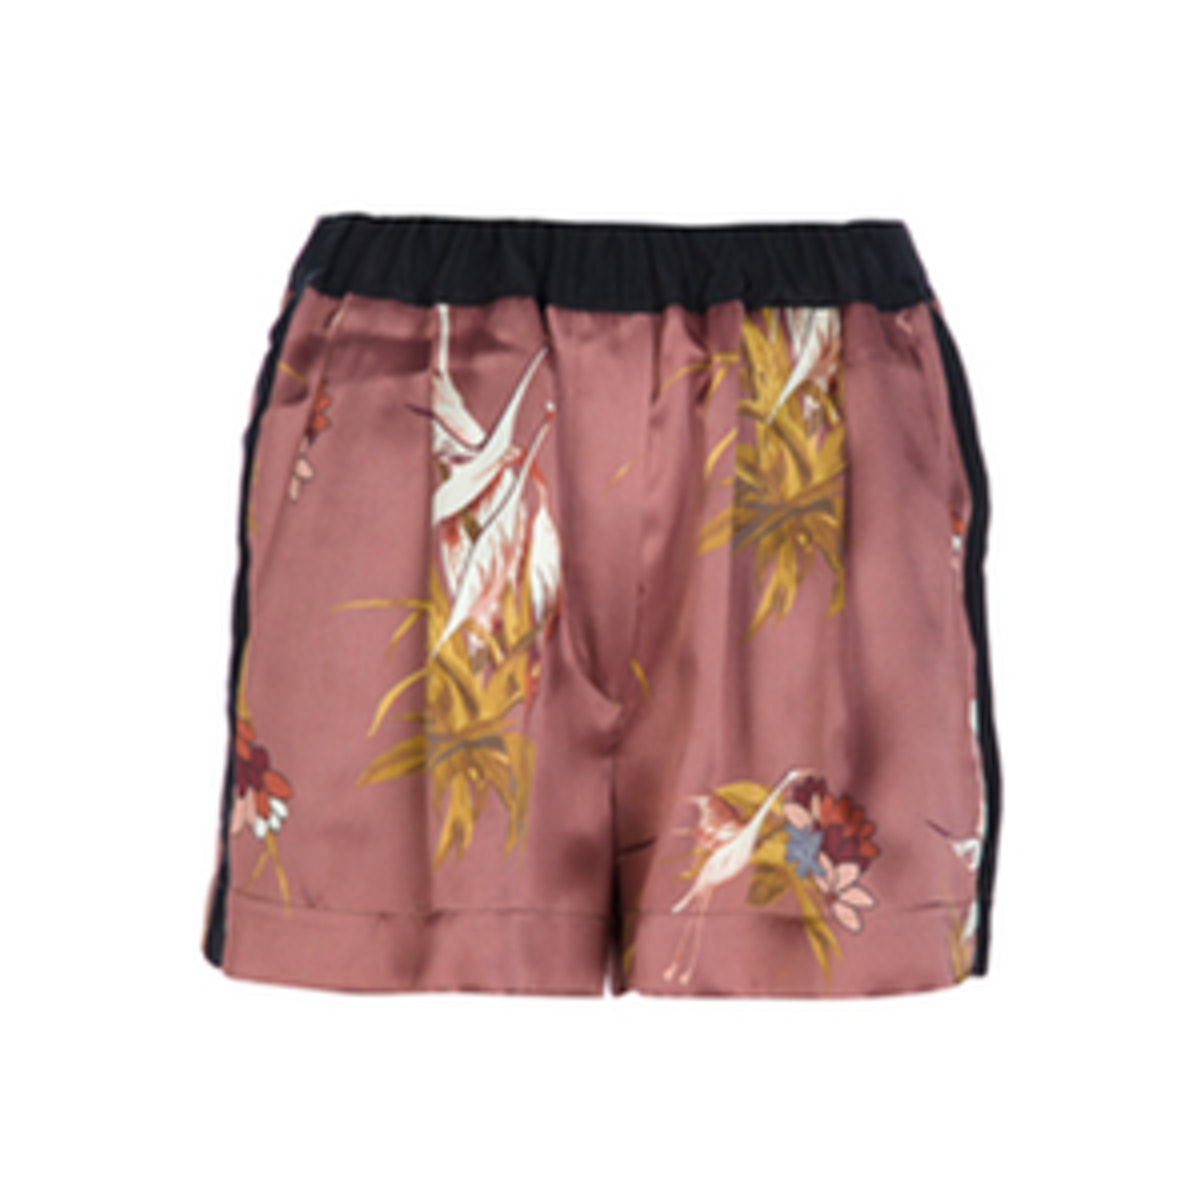 Printed Silk Shorts